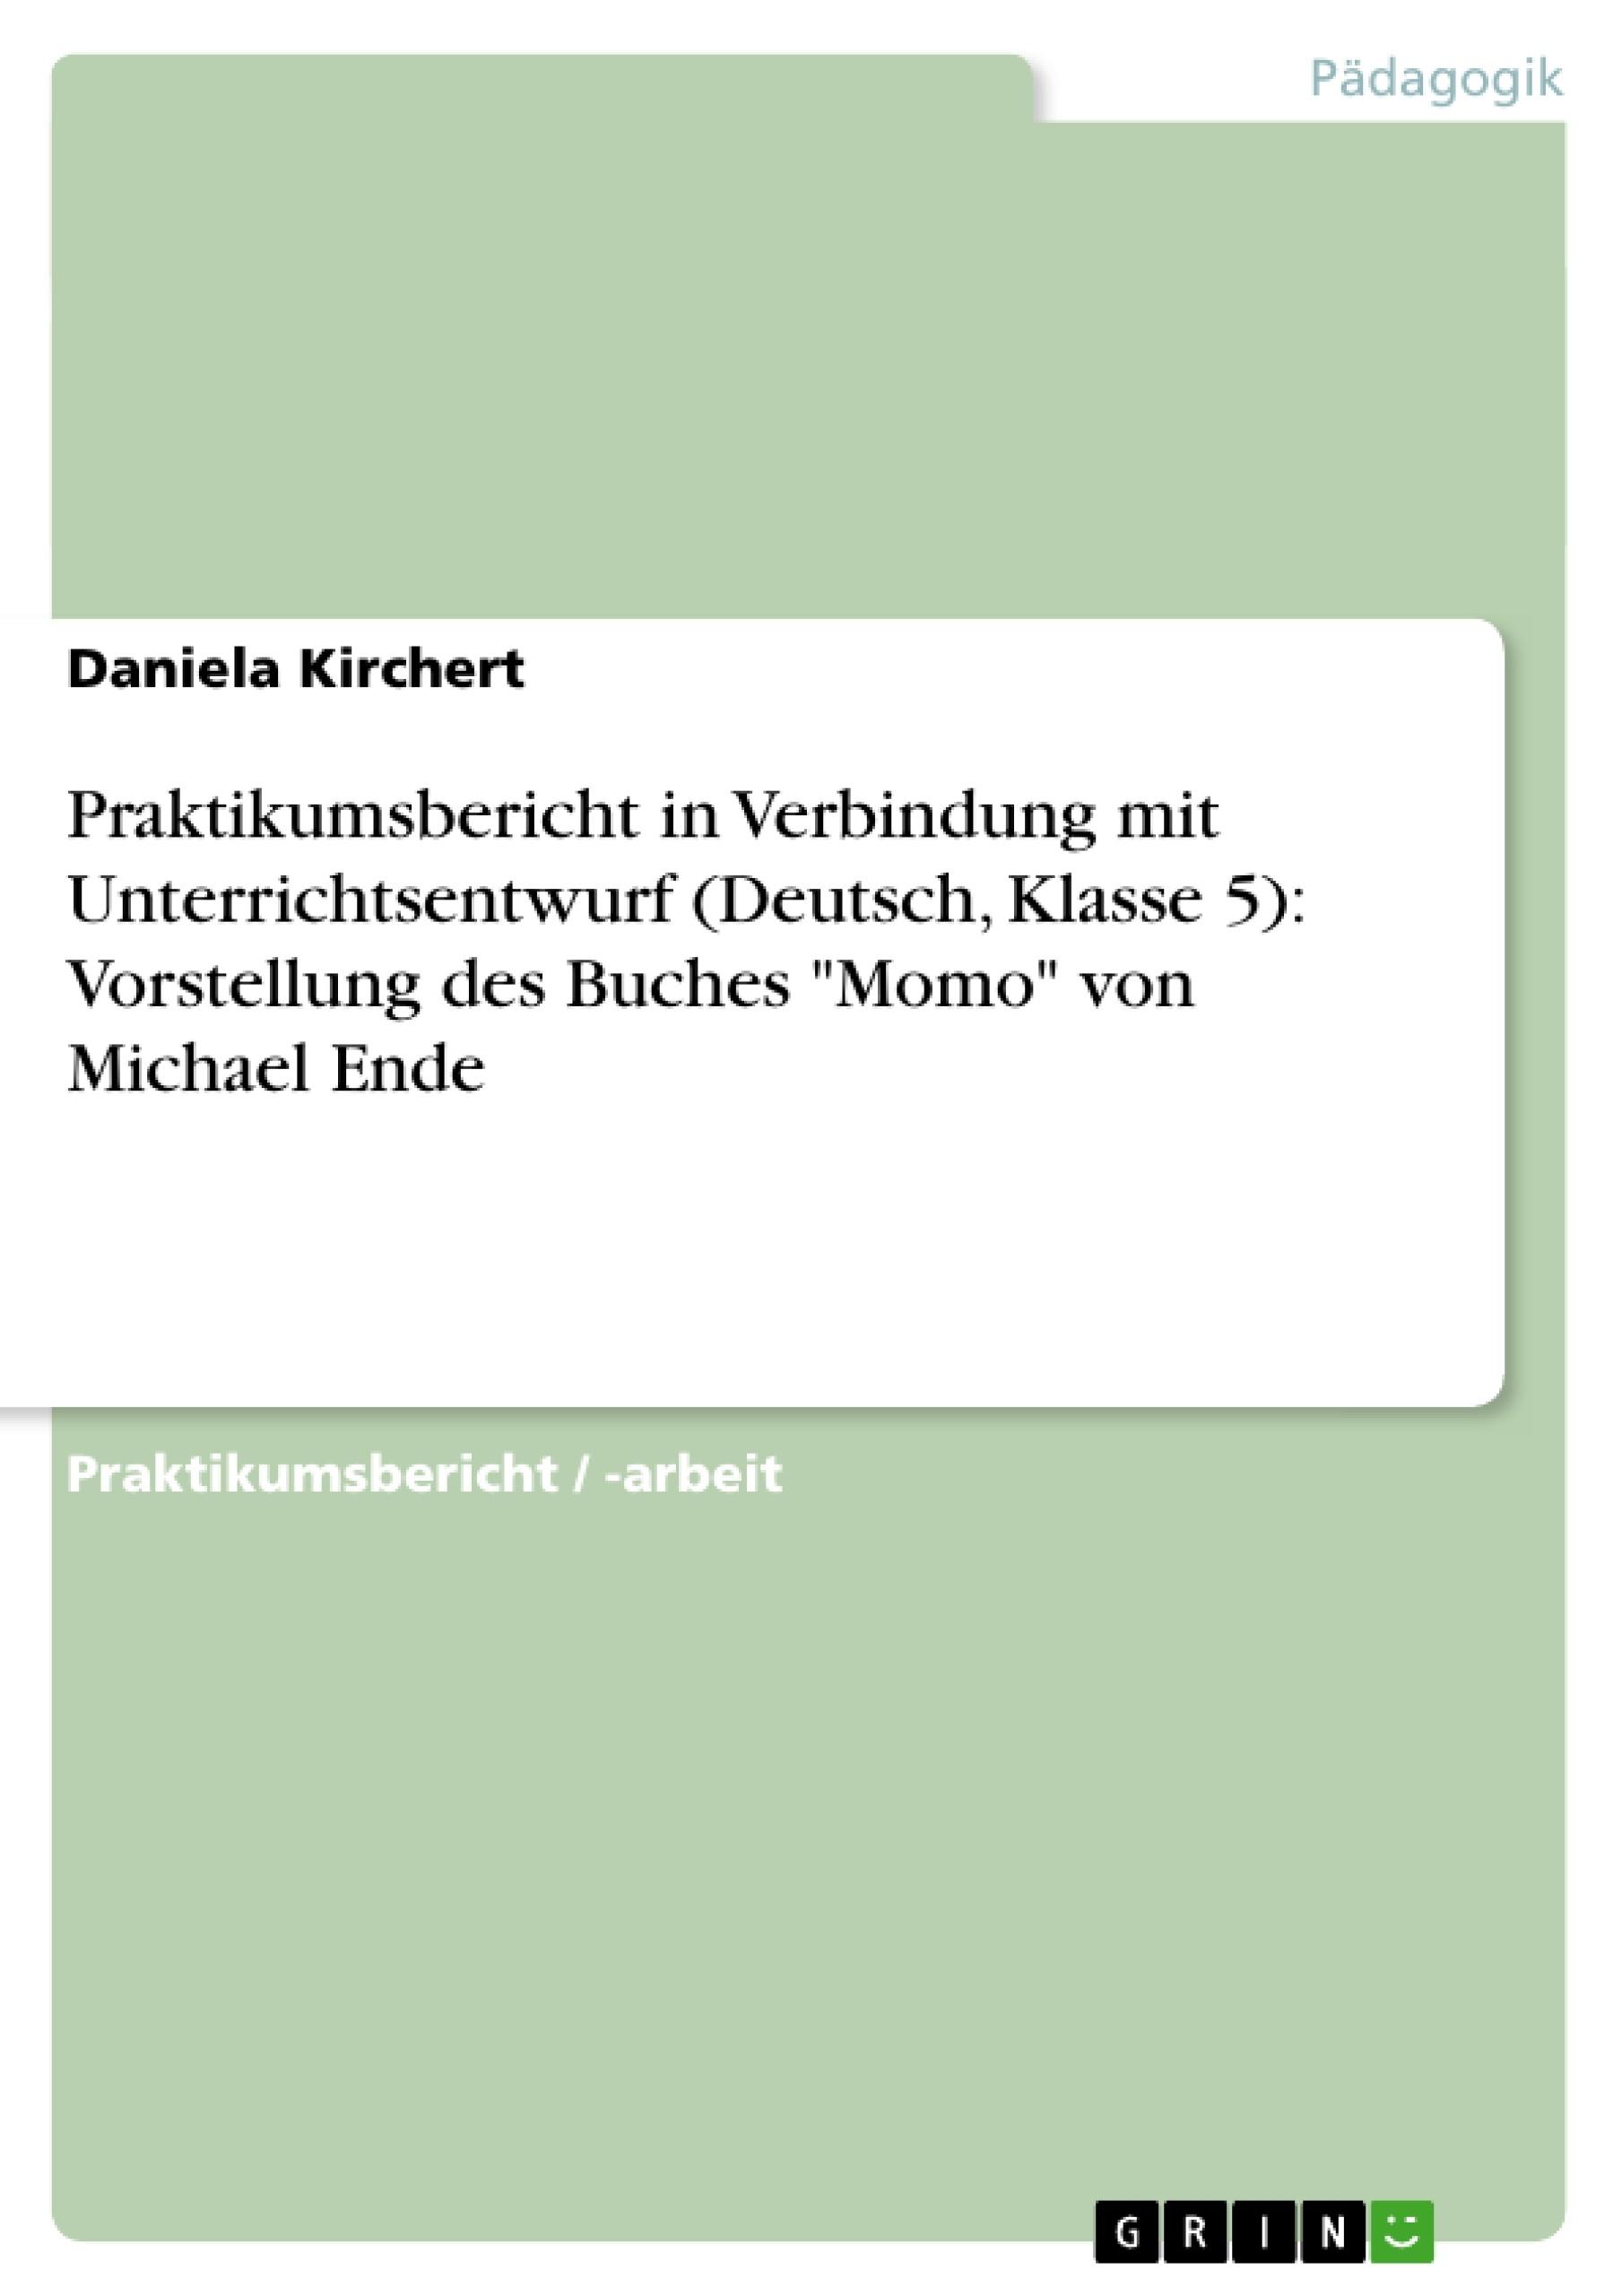 Praktikumsbericht in Verbindung mit Unterrichtsentwurf (Deutsch ...